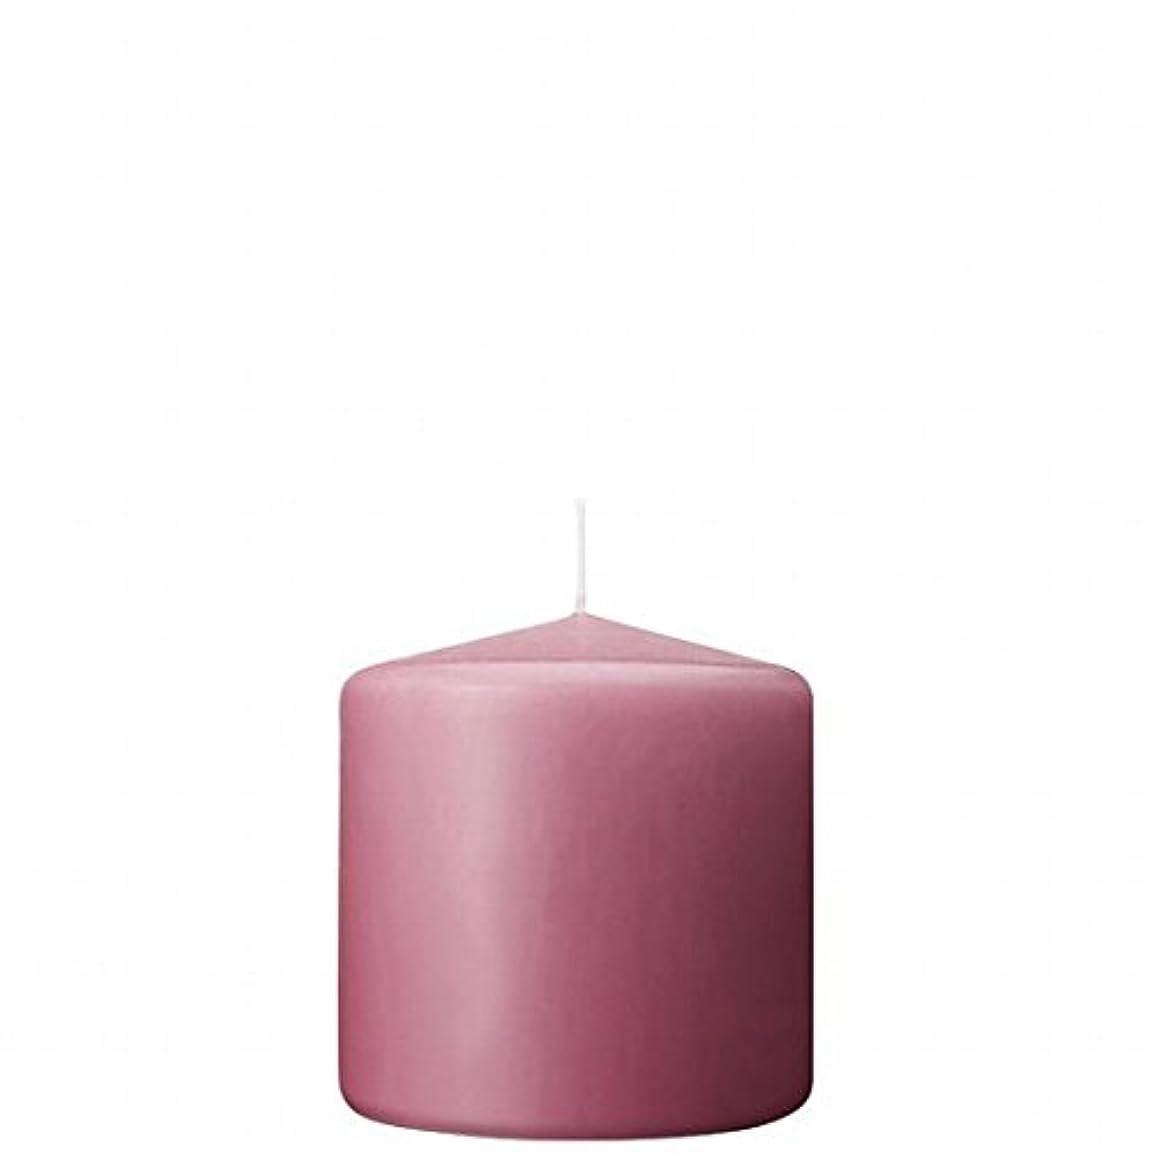 反抗ヘア波カメヤマキャンドル(kameyama candle) 3×3ベルトップピラーキャンドル 「 ラベンダークリーム 」